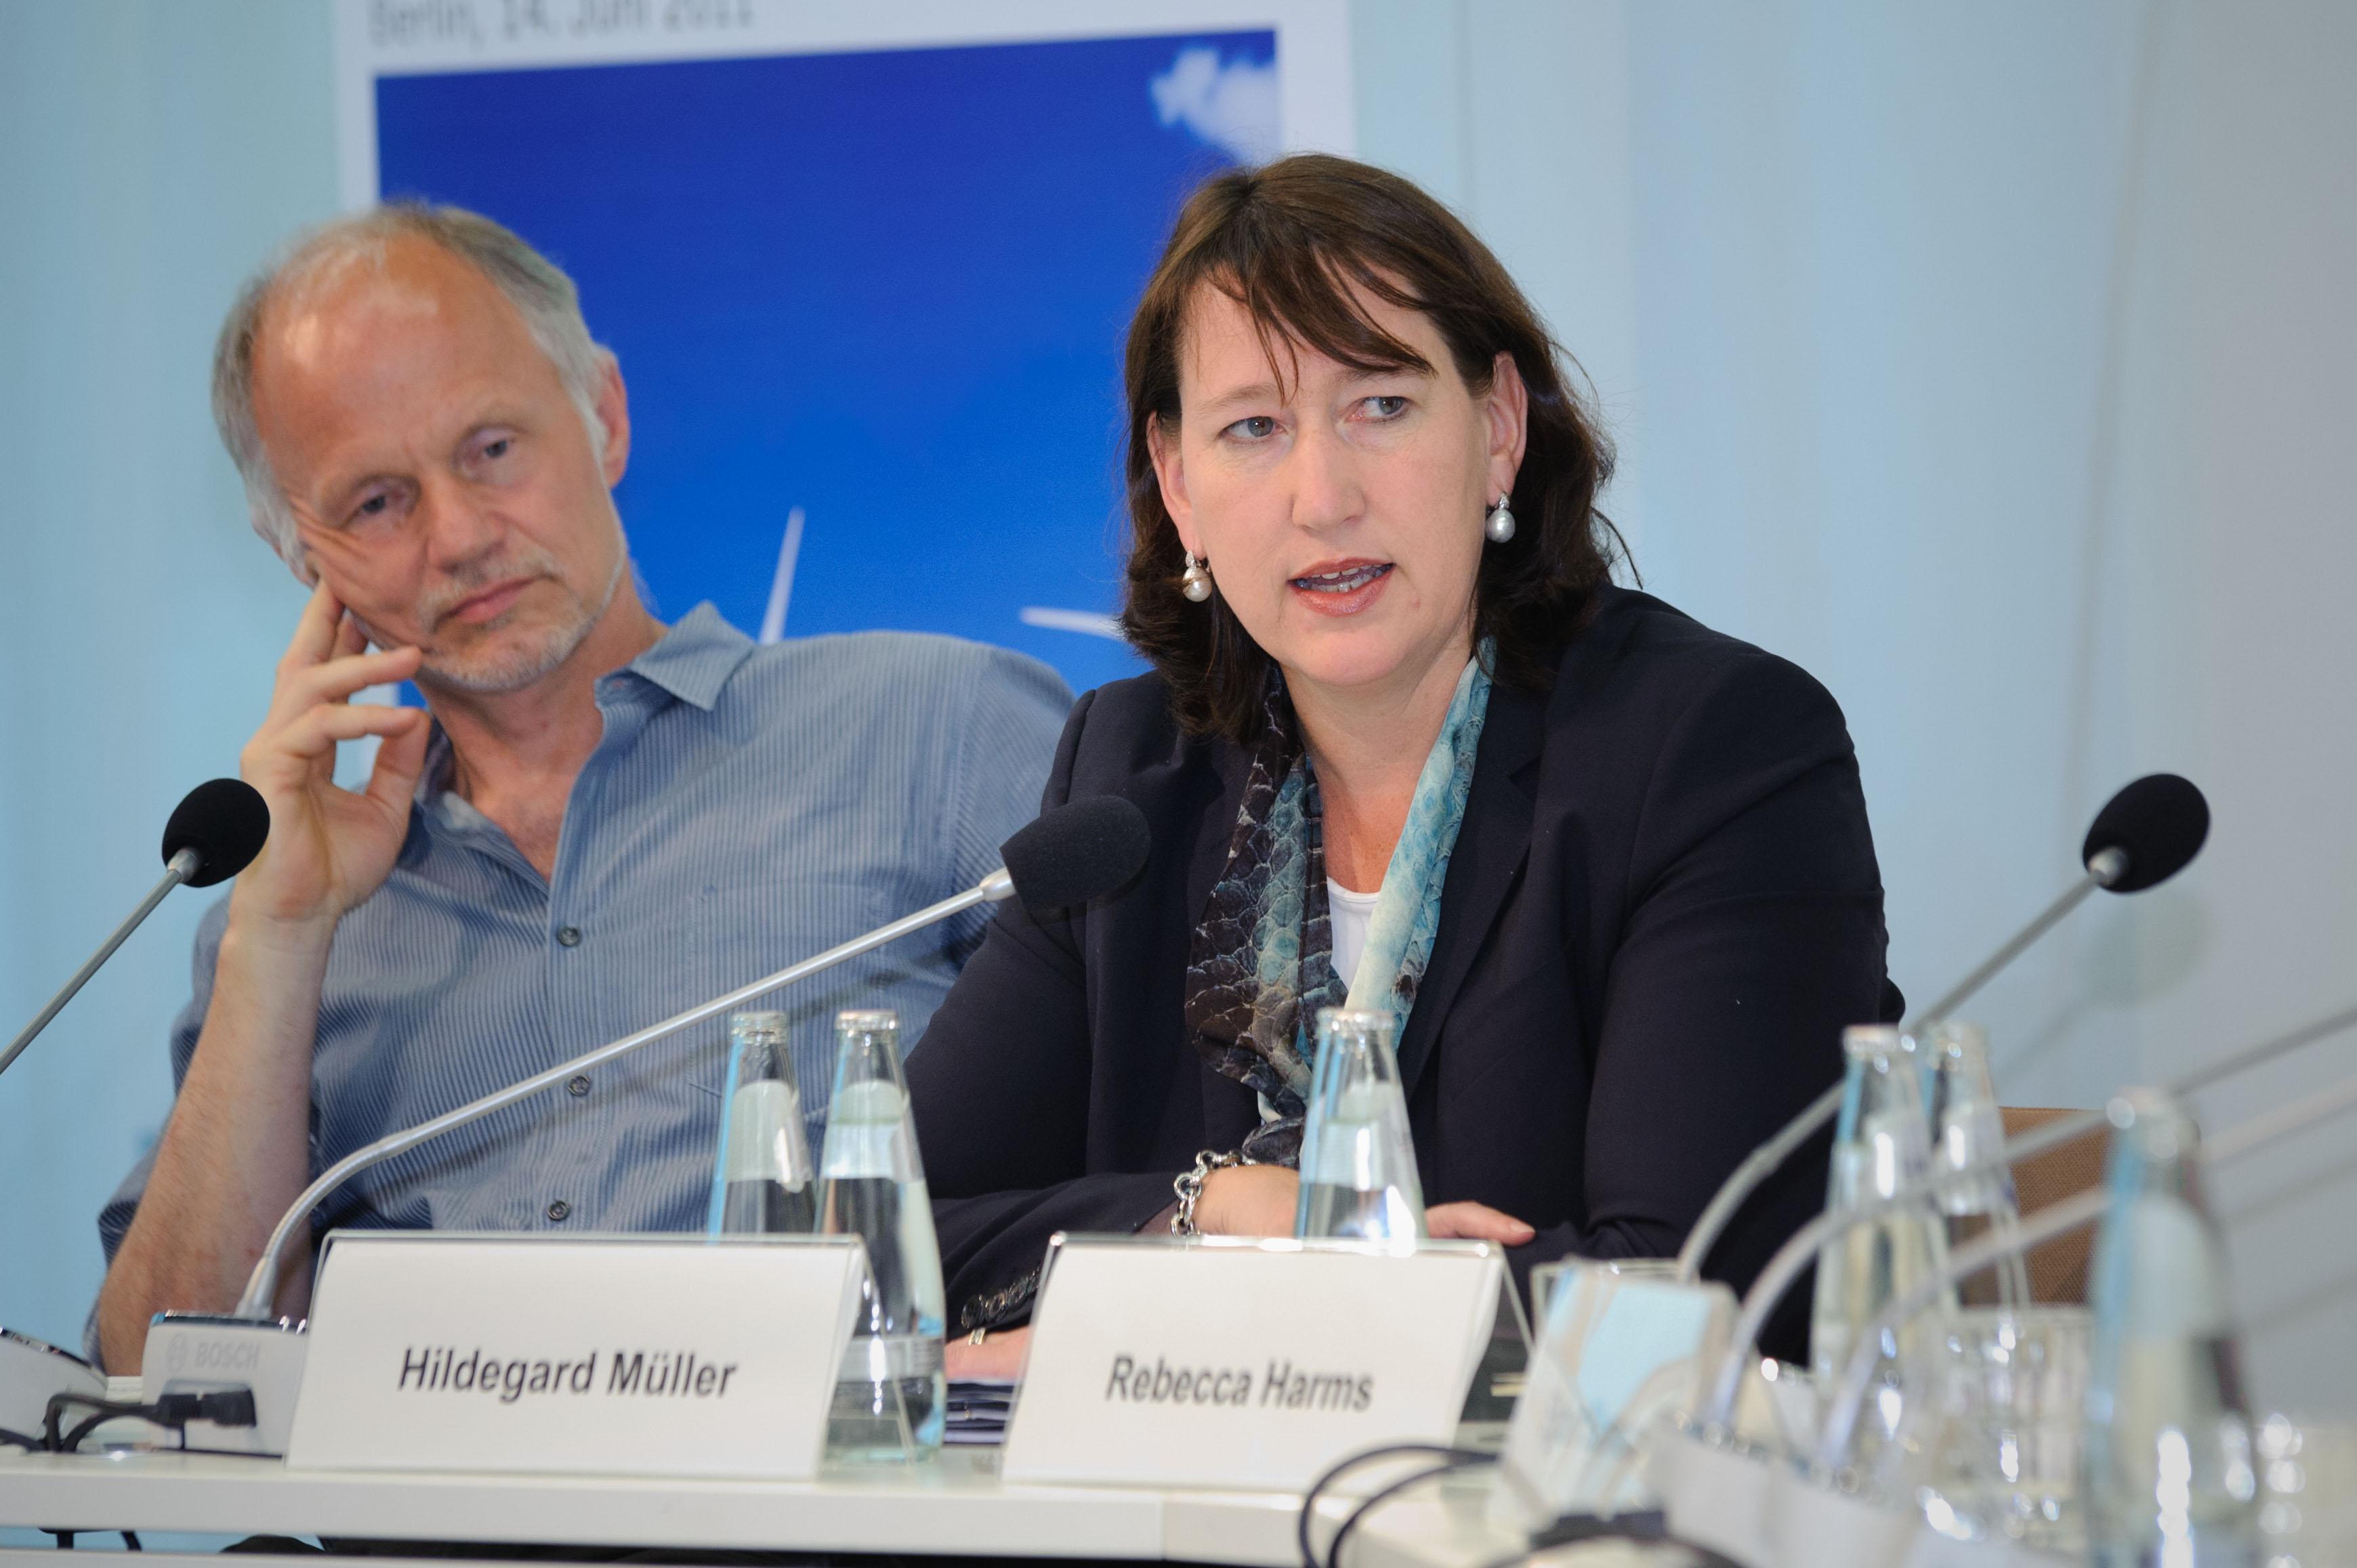 Bildergebnis für Wikimedia Commons Bilder Hildegard Müller